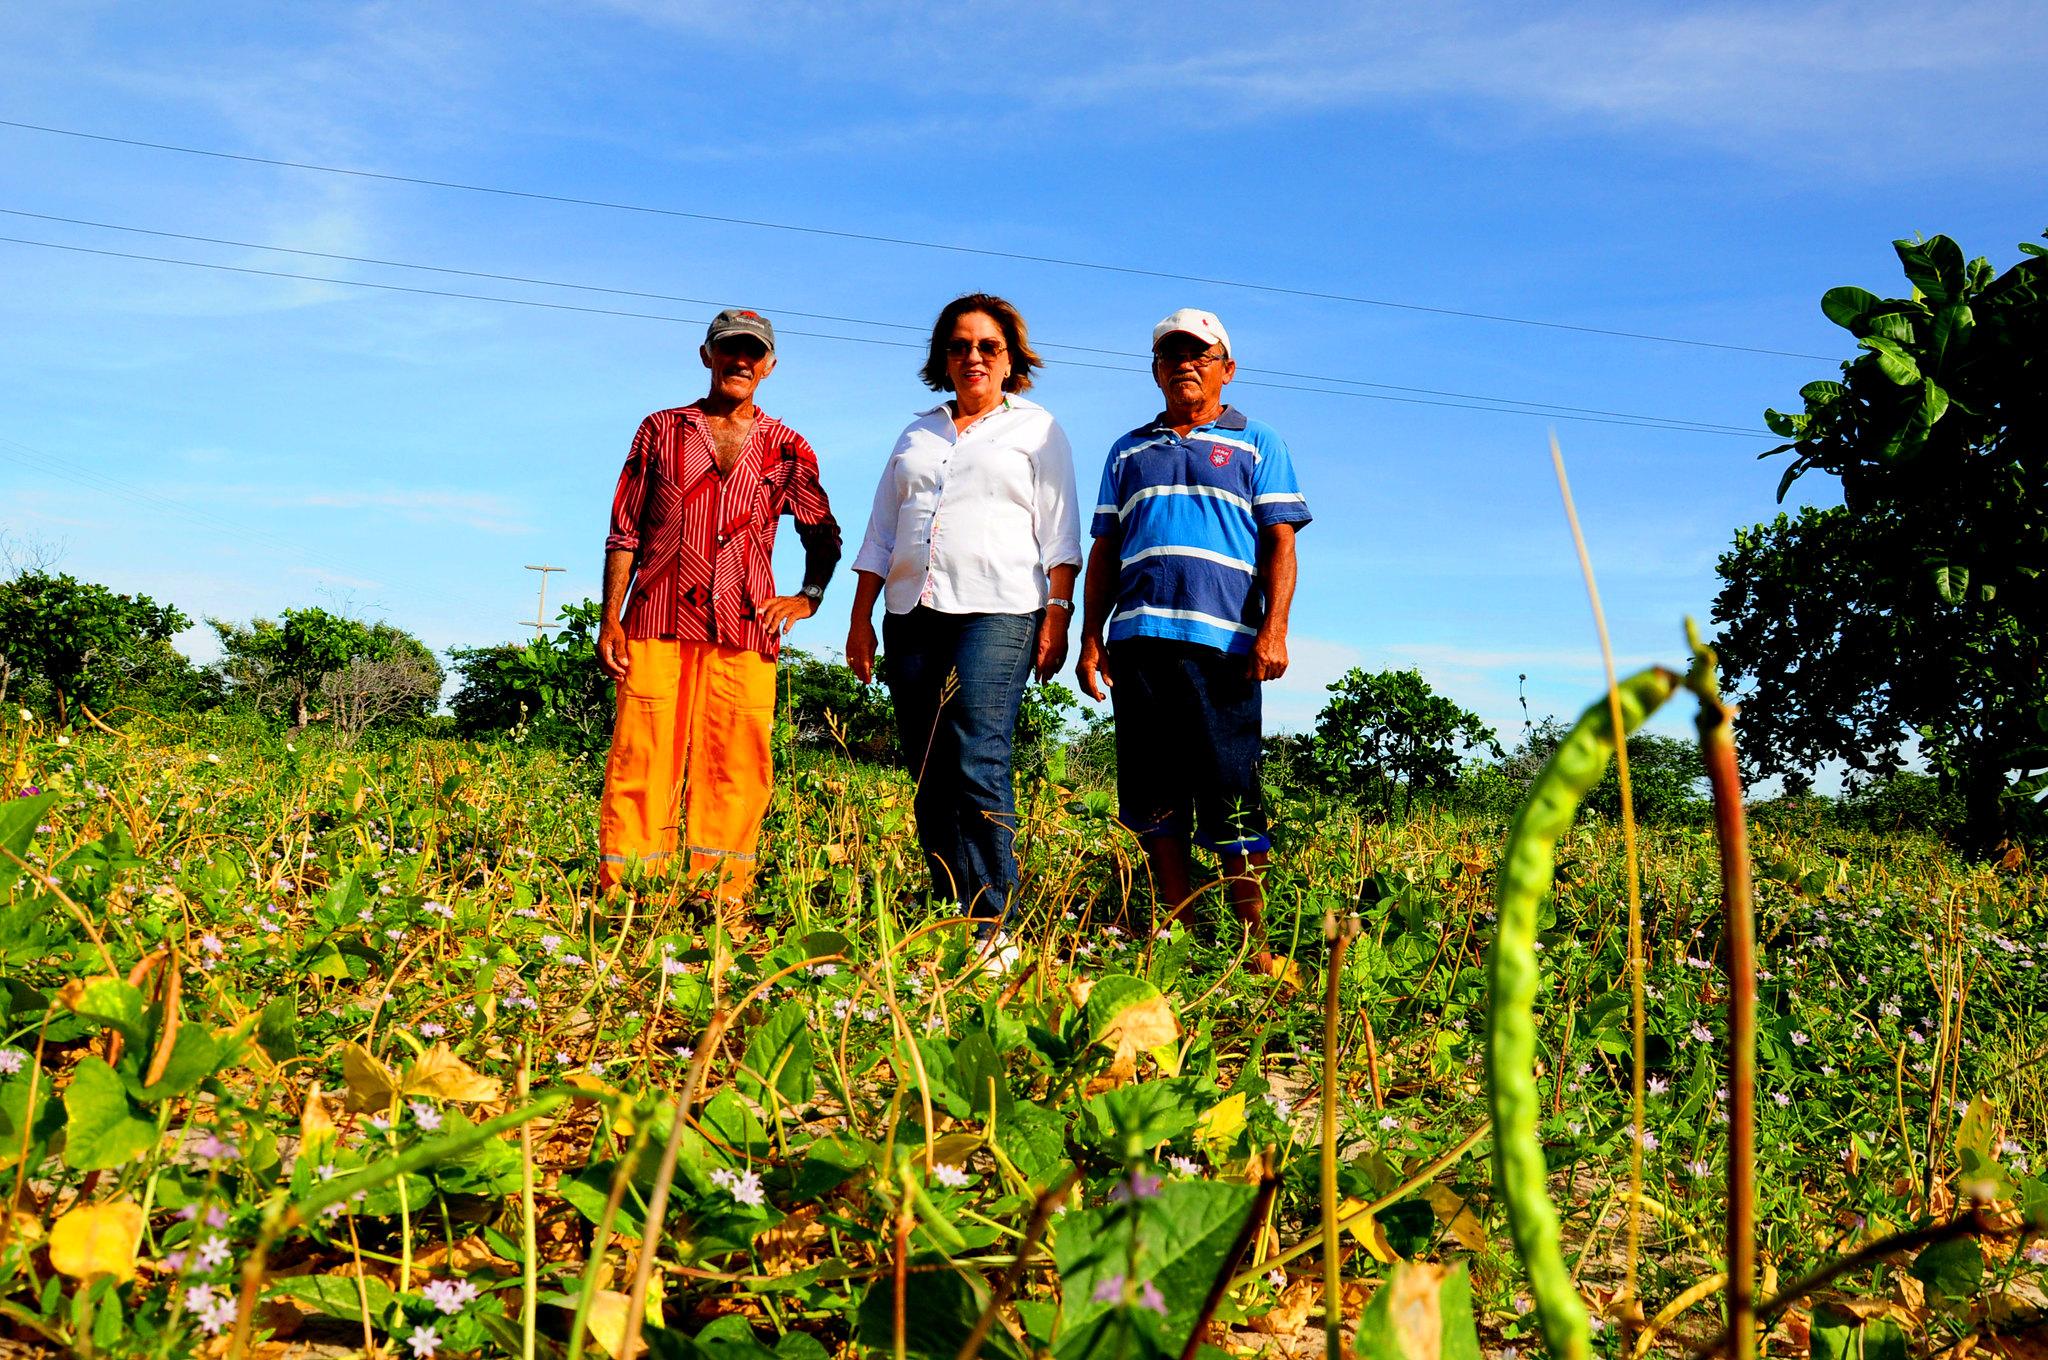 Agricultores familiares já se beneficiam com primeiras colheitas